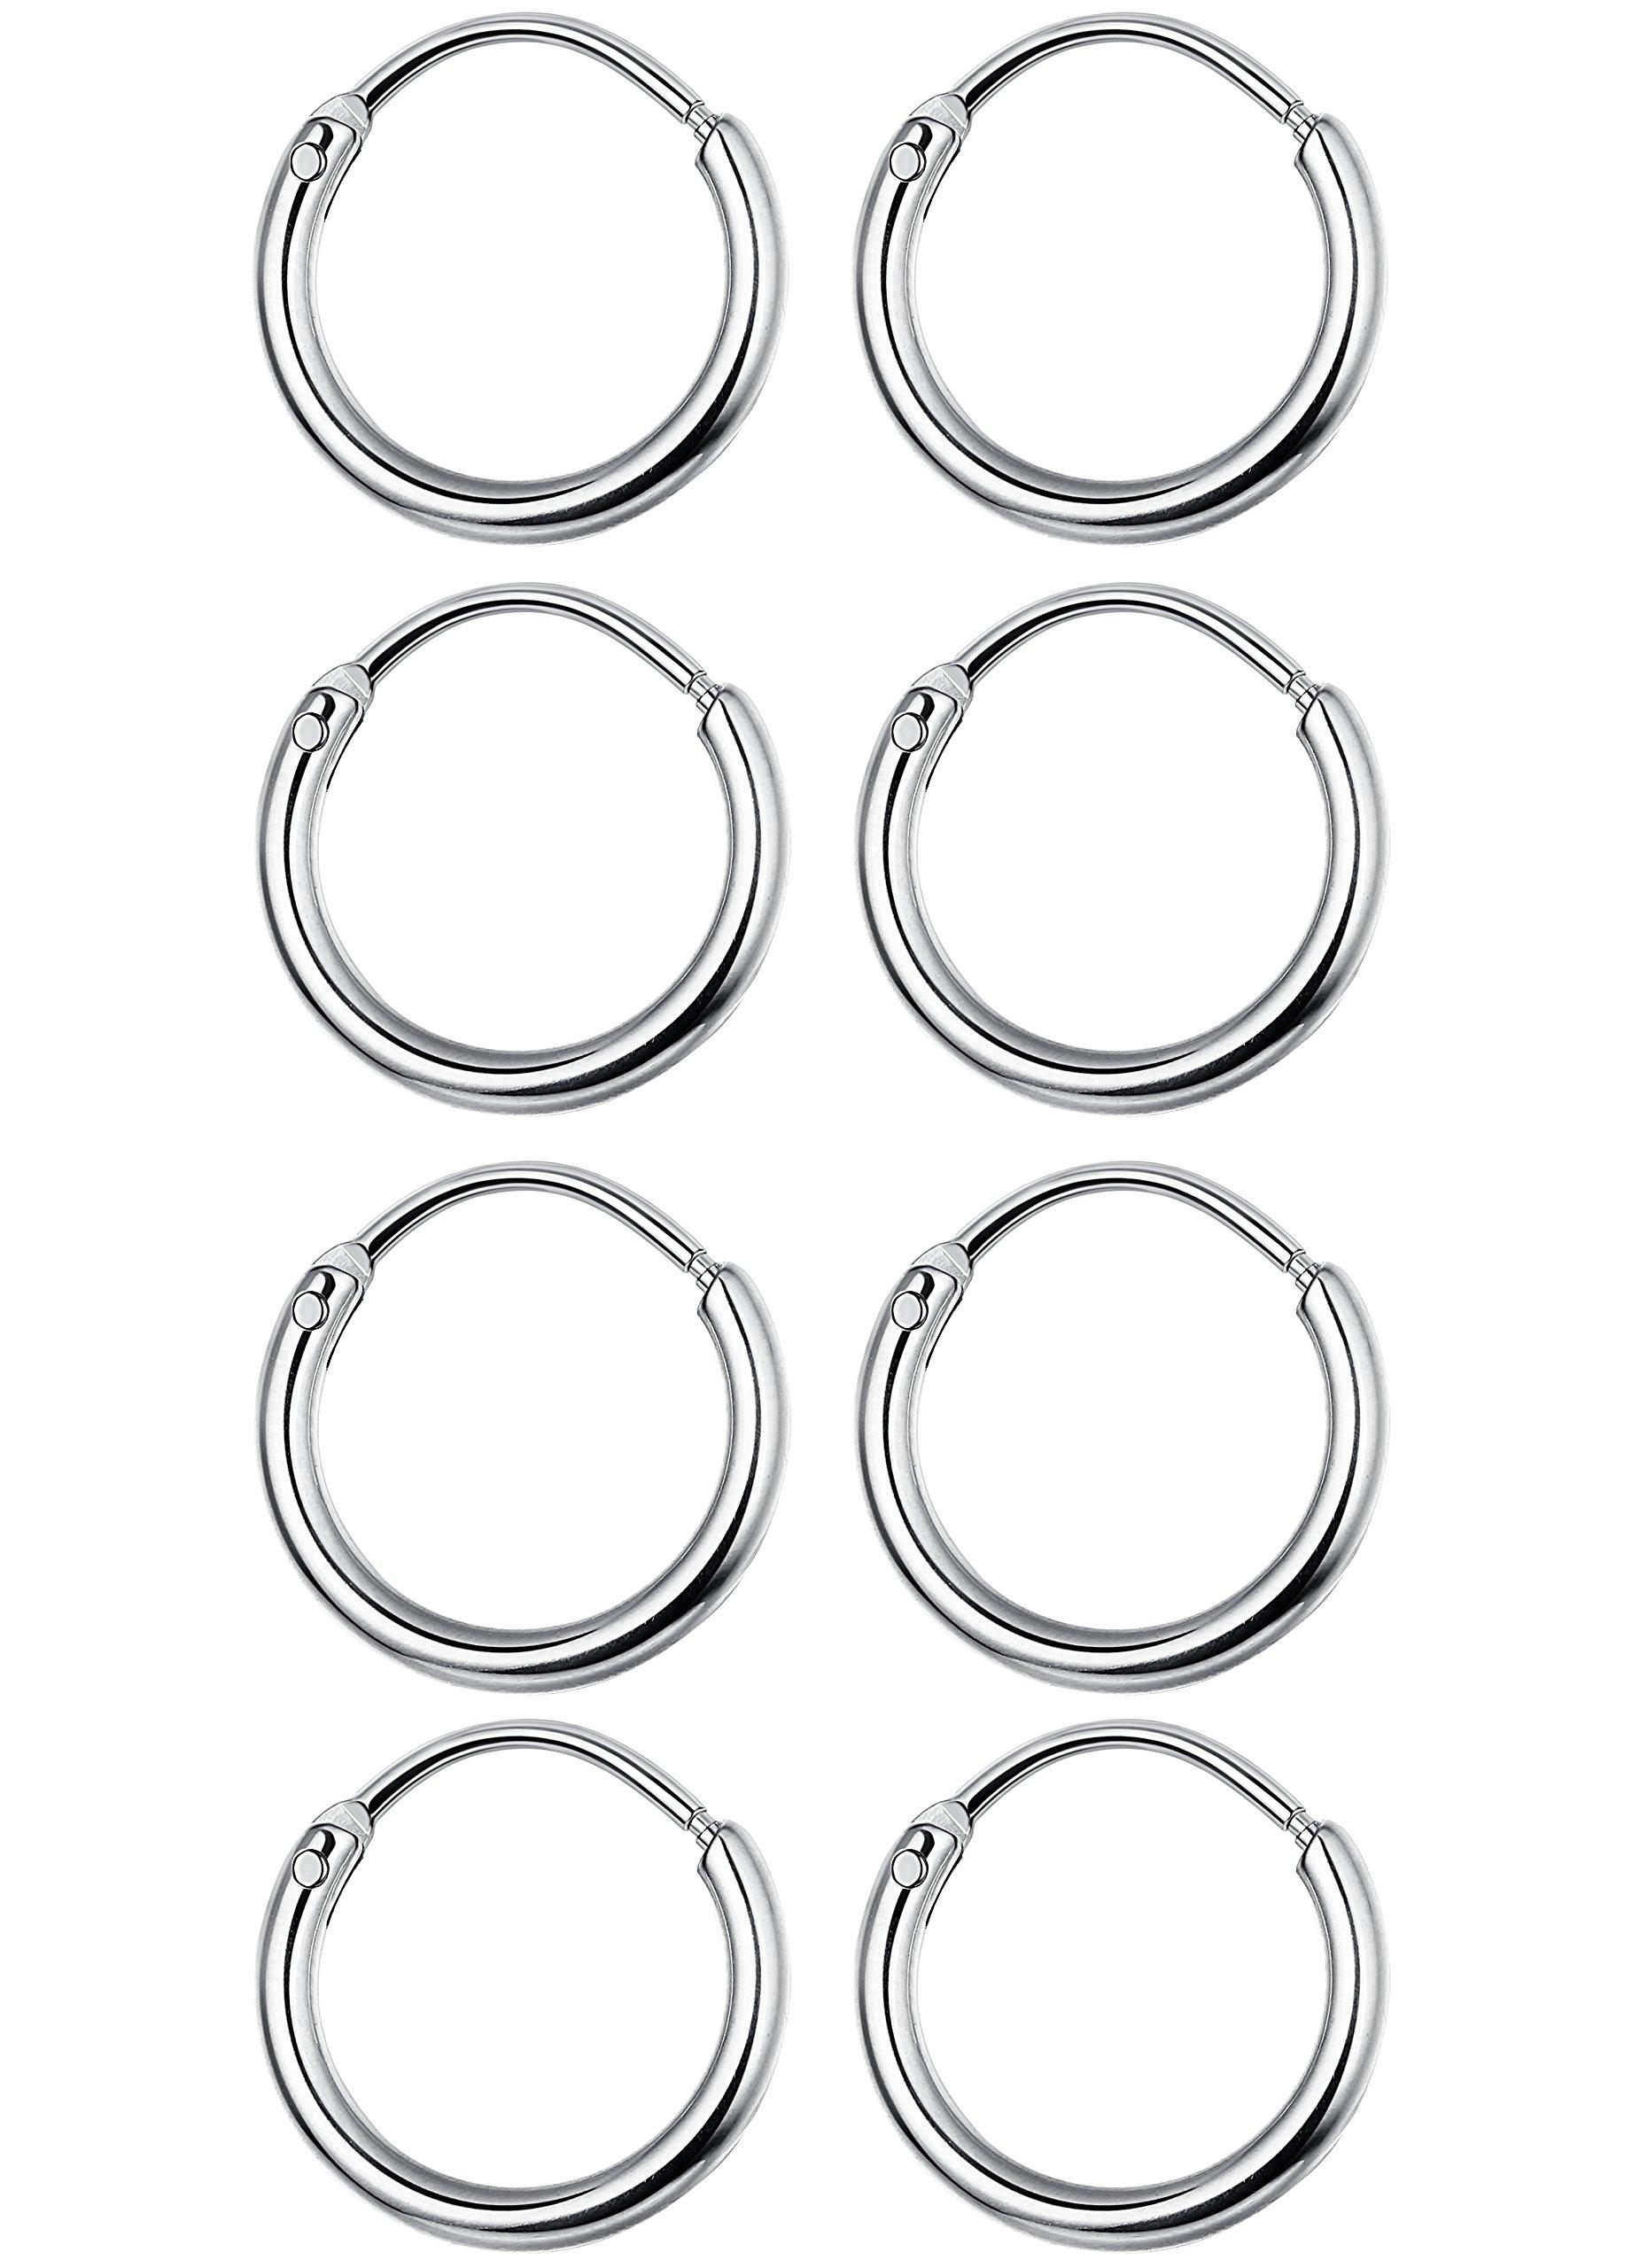 Jstyle 3-4 Pairs Stainless Steel Mens Womens Hoop Earrings Cartilage Lip Piercing Nose Hoop 18G 8mm-14mm (J:Silver-tone 4 Pairs(8mm))